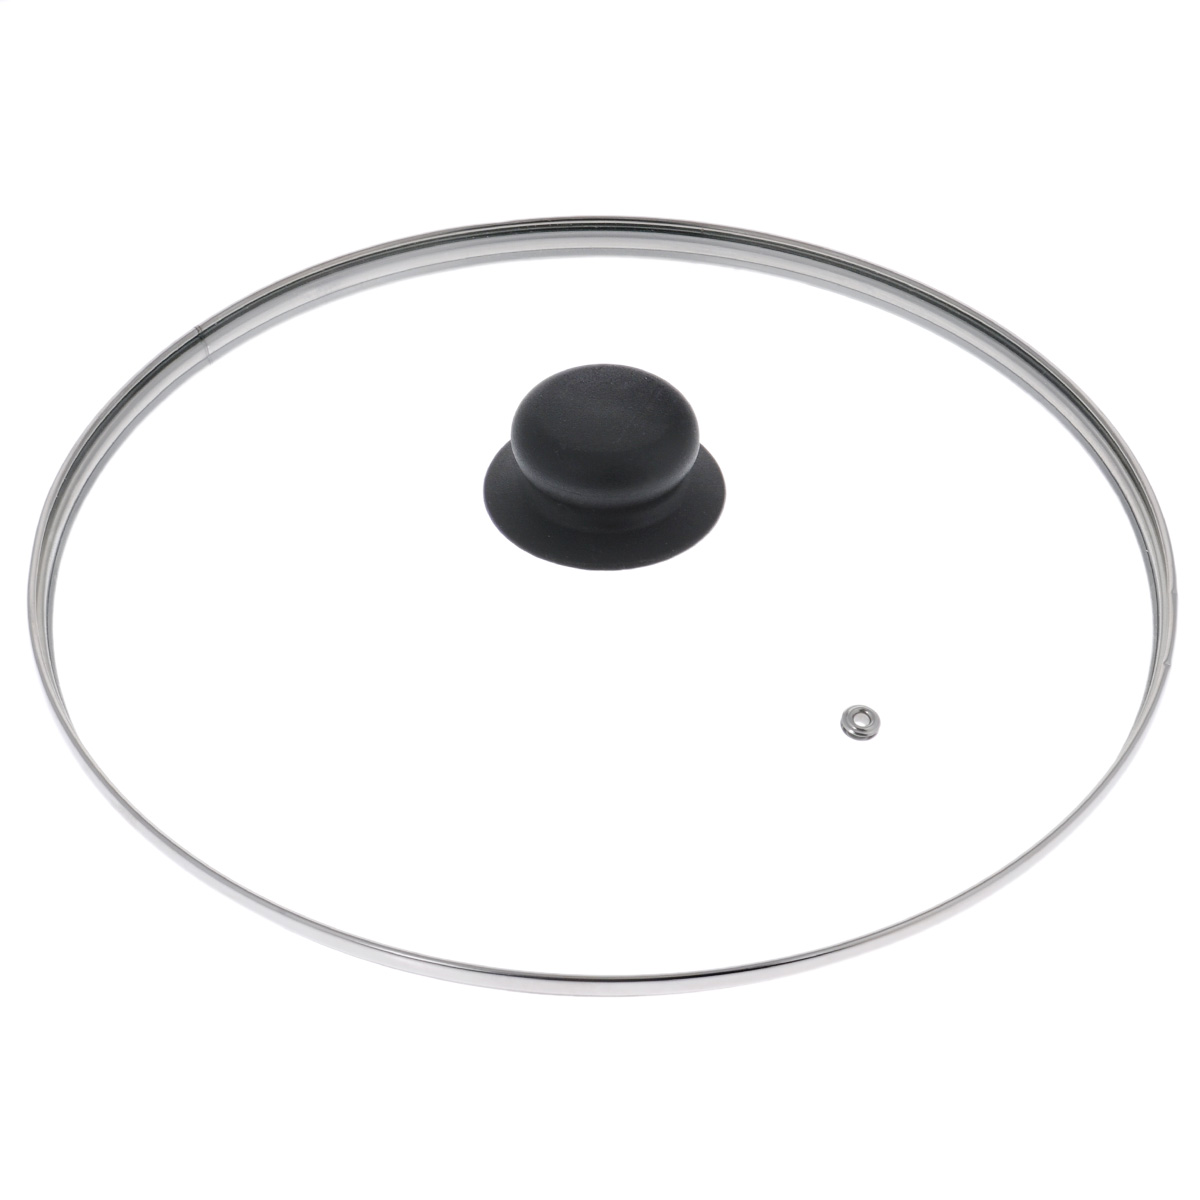 """Крышка """"LaraCook"""" изготовлена из термостойкого стекла. Обод, выполненный из высококачественной нержавеющей стали, защищает крышку от повреждений, а ручка, выполненная из термостойкого пластика, защищает ваши руки от высоких температур. Крышка удобна в использовании, позволяет контролировать процесс приготовления пищи. Имеется отверстие для выпуска пара."""